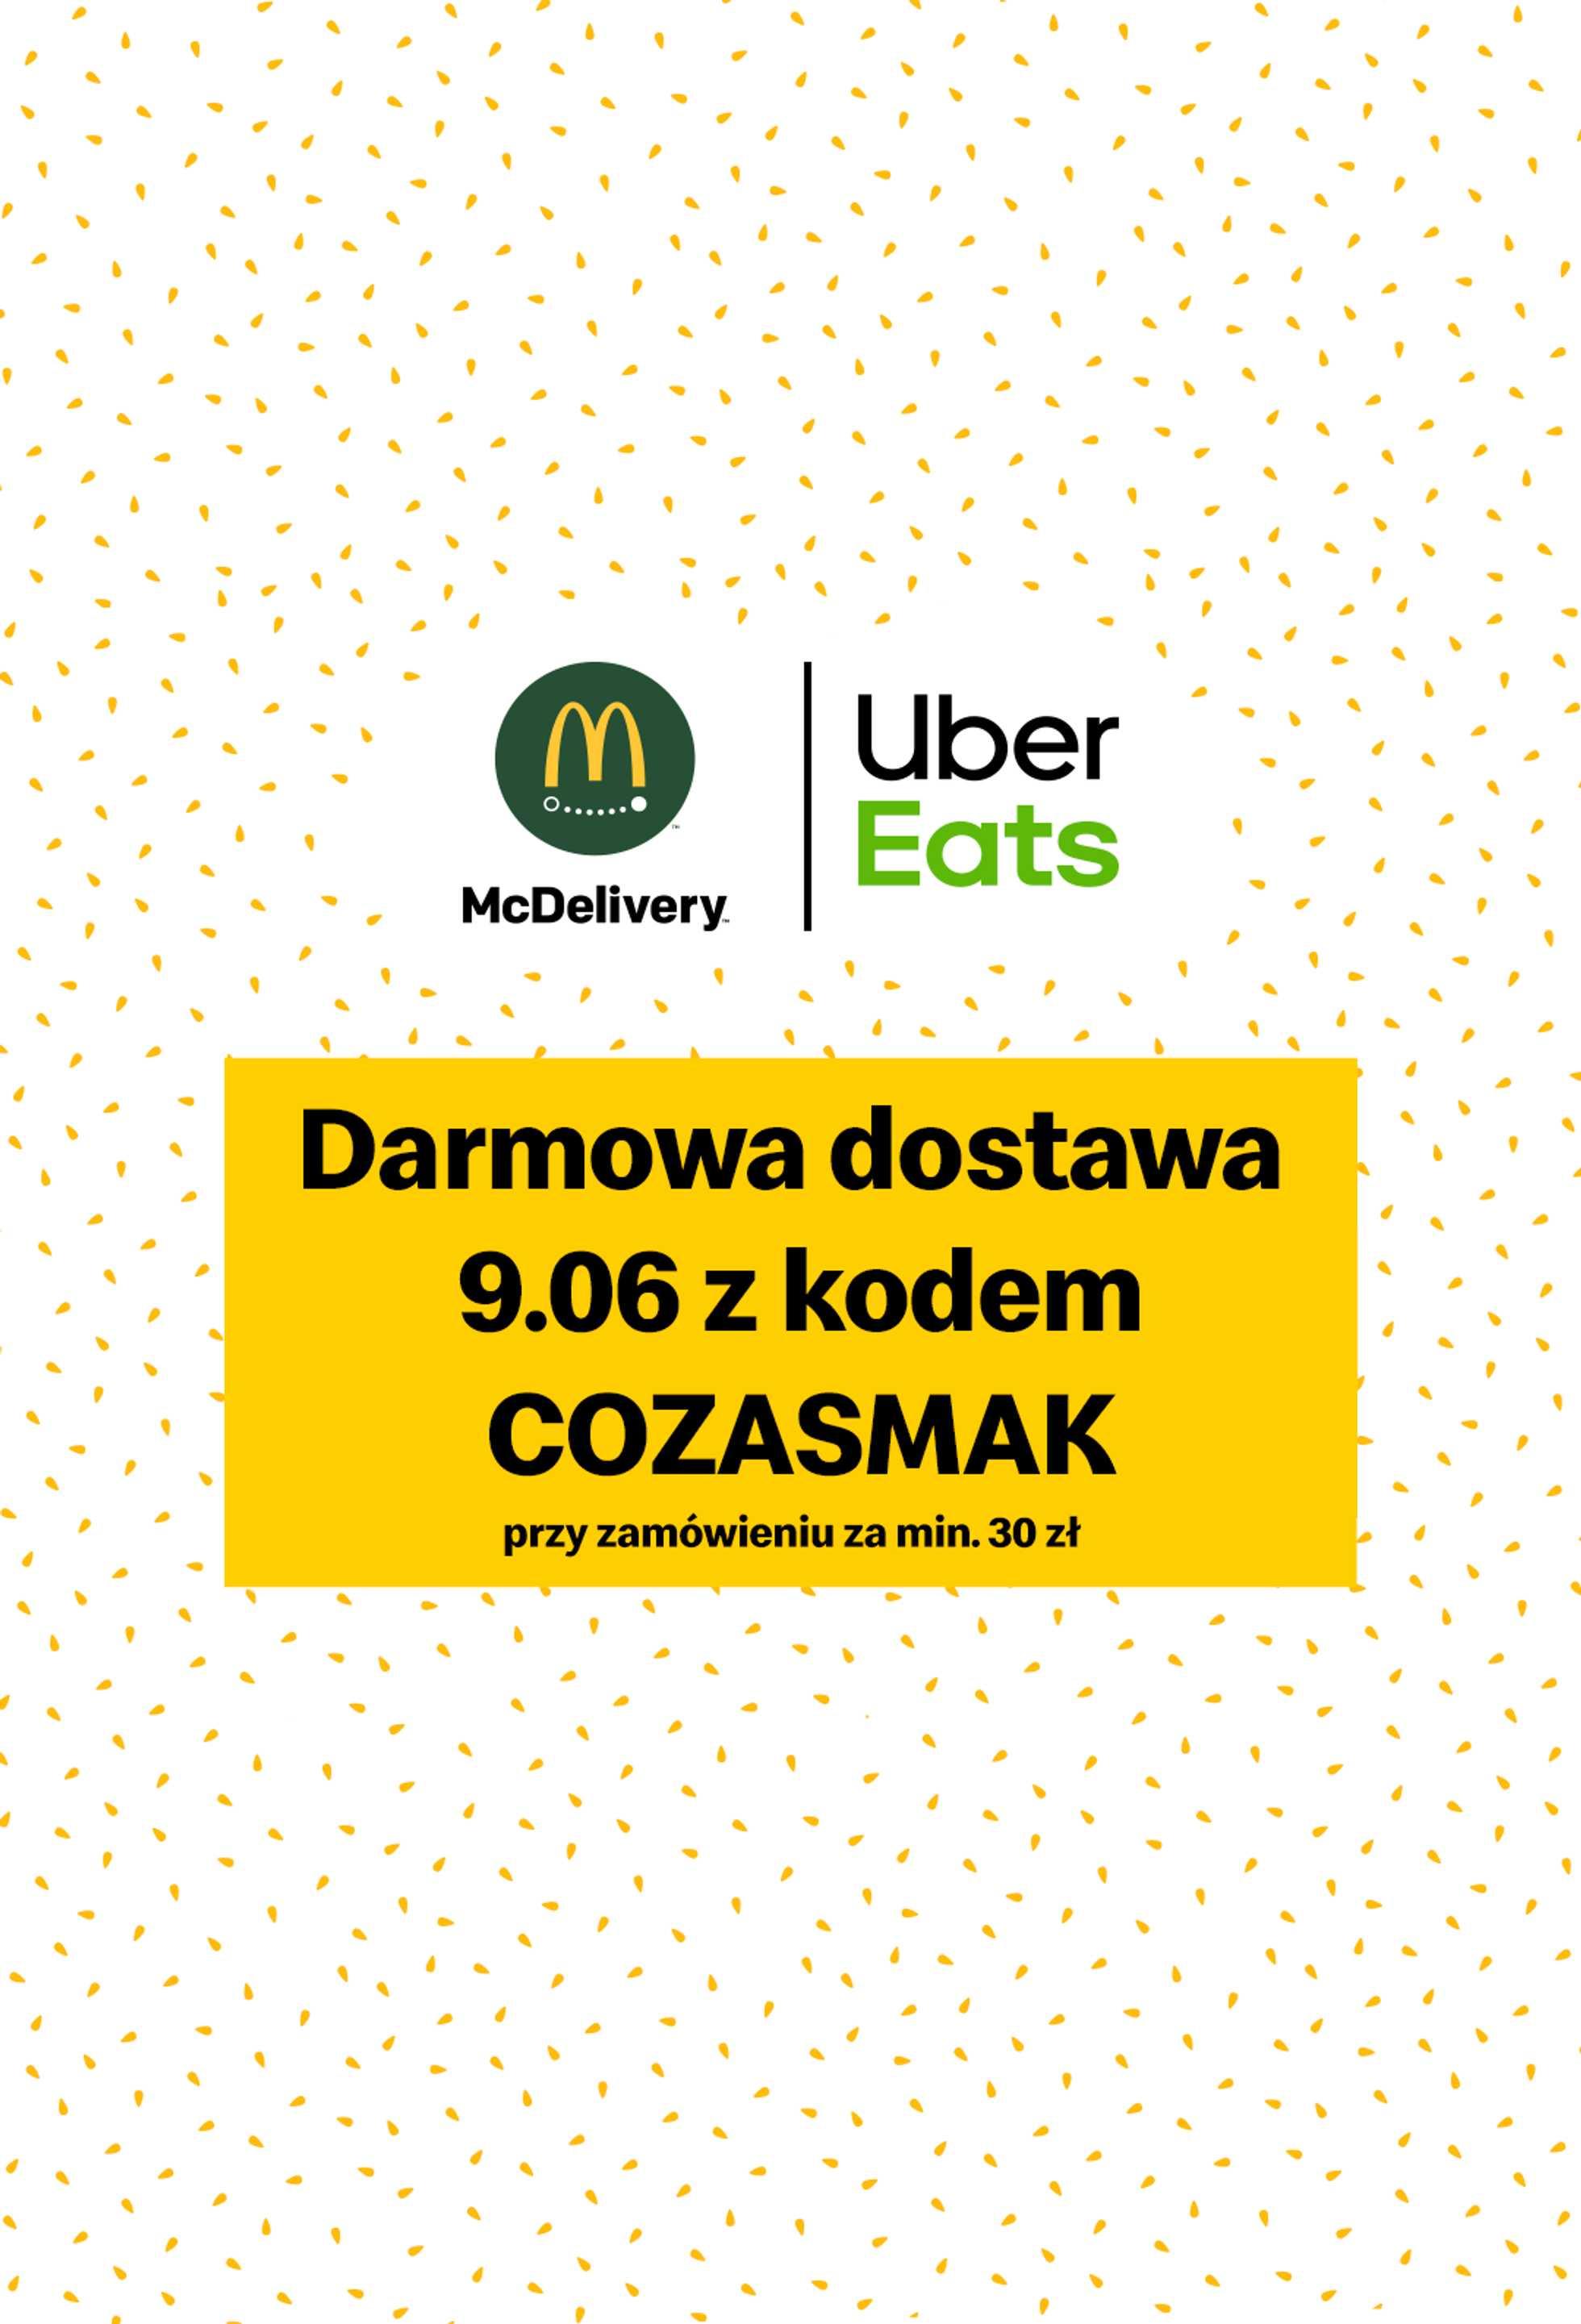 McDonald's - gazetka promocyjna ważna od 09.06.2020 do 09.06.2020 - strona 1.